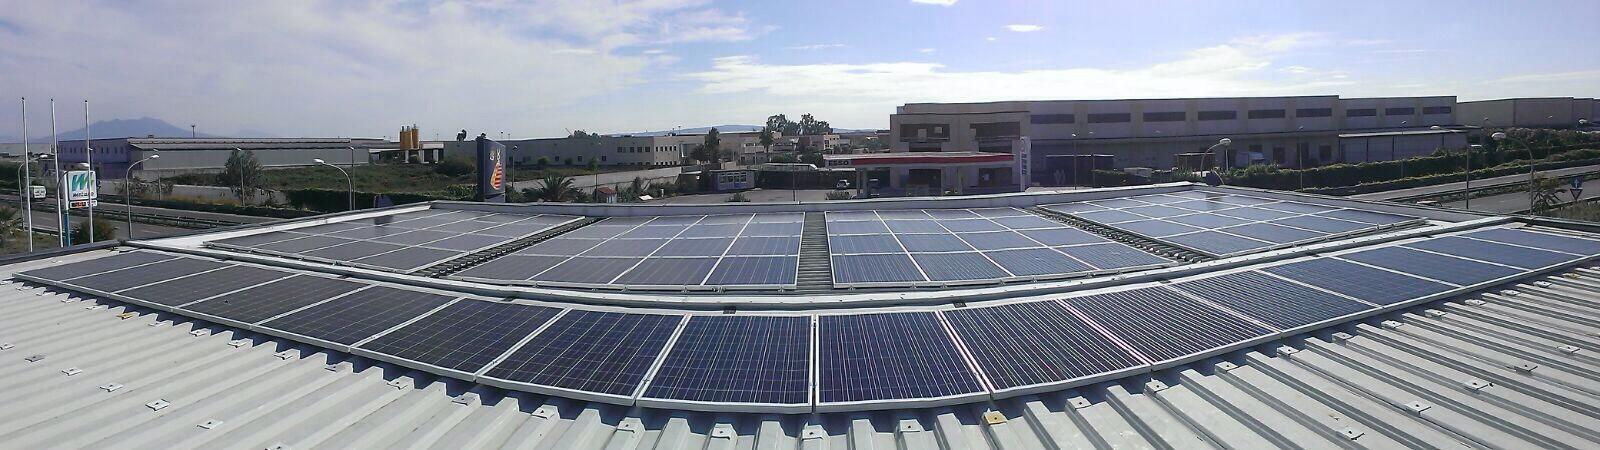 Impainto di produzione di energia elettrica da fonte rinnovabile, di potenza Kw20, a servizio della stazione Q8 di Carinaro (CE).